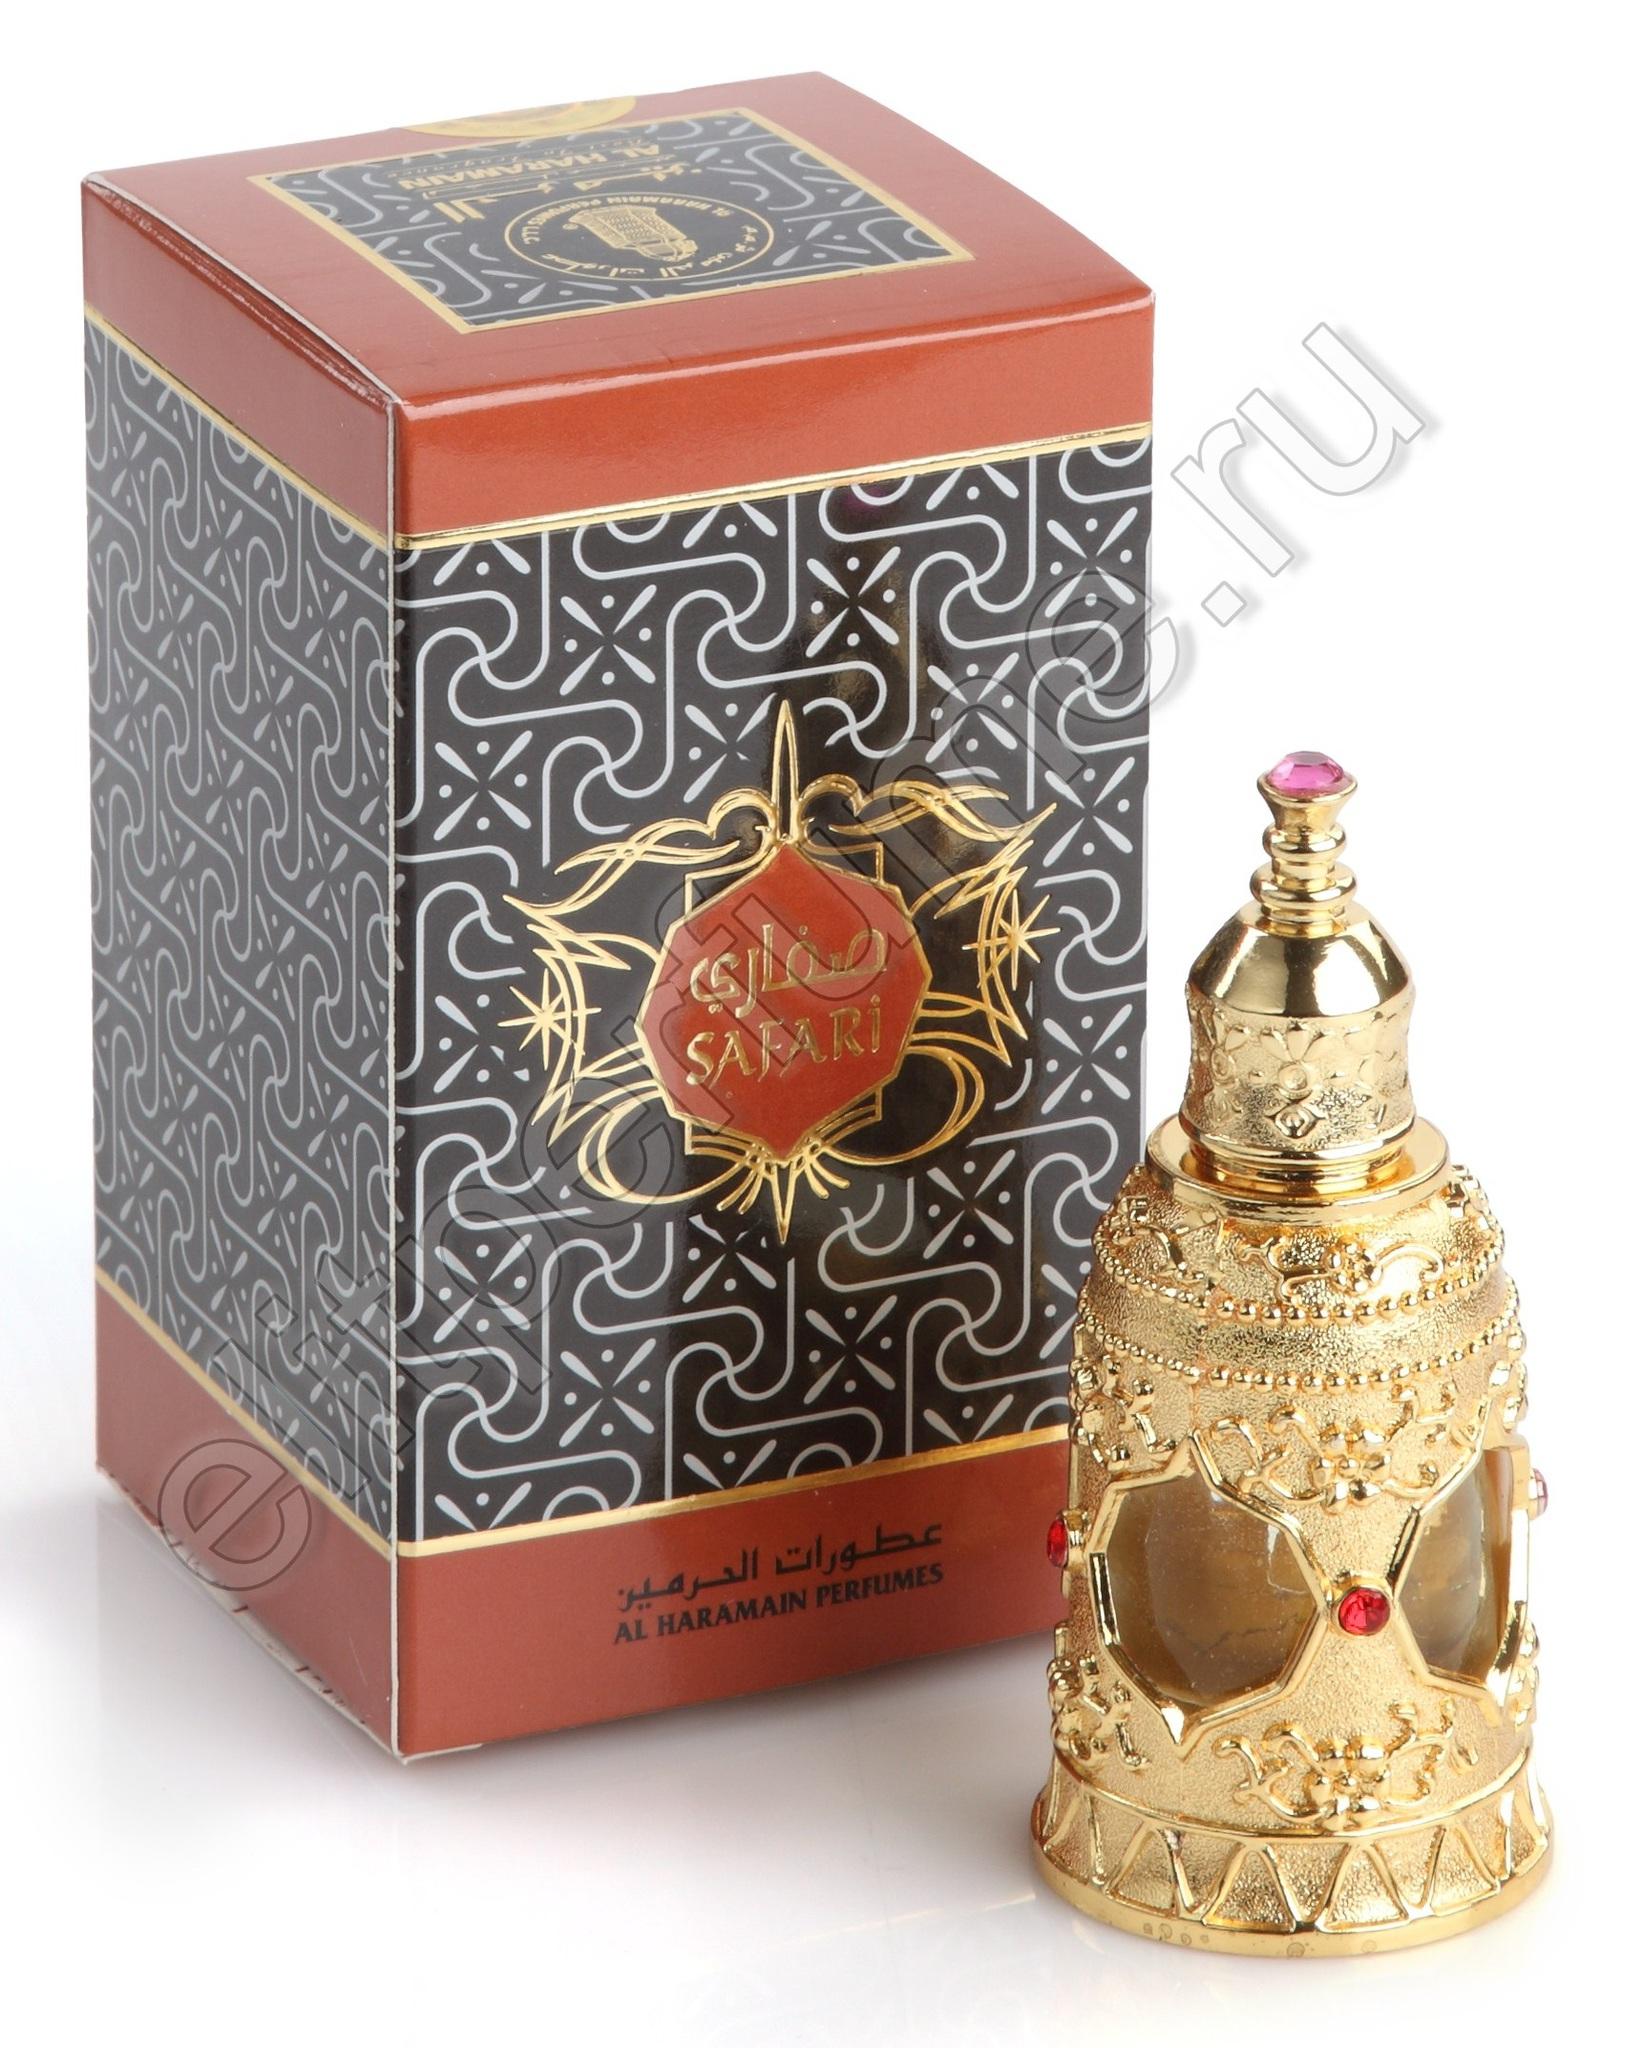 Сафари Safari 30 мл арабские масляные духи от Аль Харамайн Al Haramain Perfumes